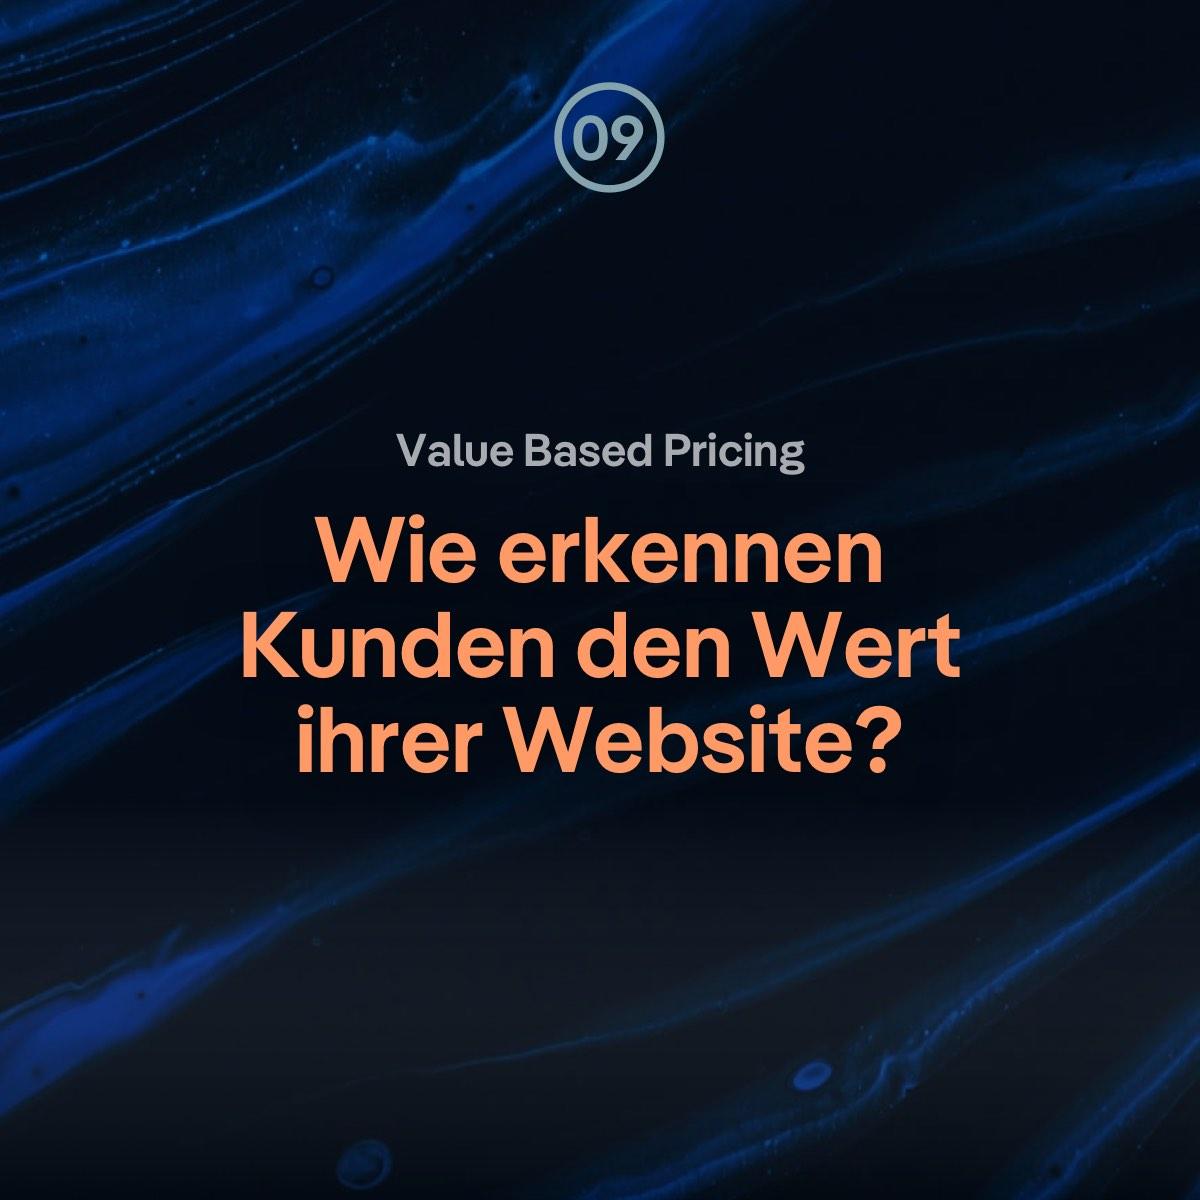 VBP: Wie kann man Kunden den Wert ihrer Website erkennen lassen?